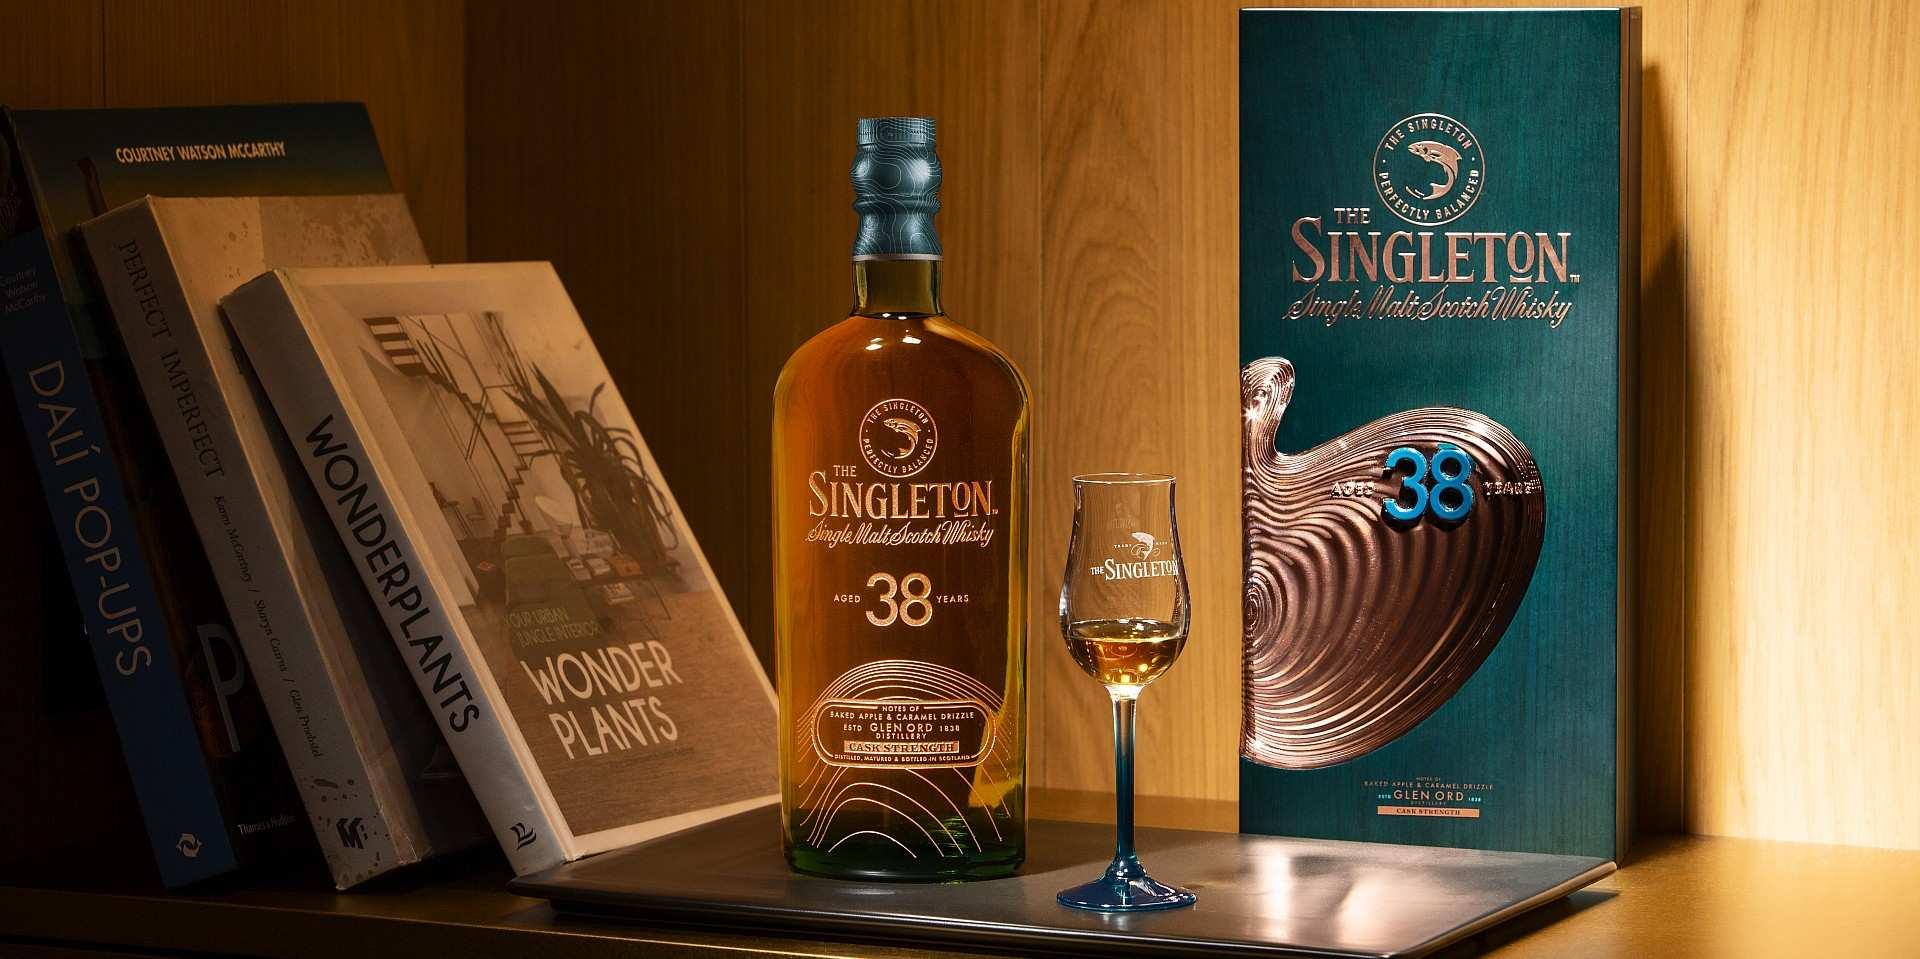 全新時光協奏系列第一樂章 – 貝多芬緩板 :蘇格登38年單一麥芽威士忌